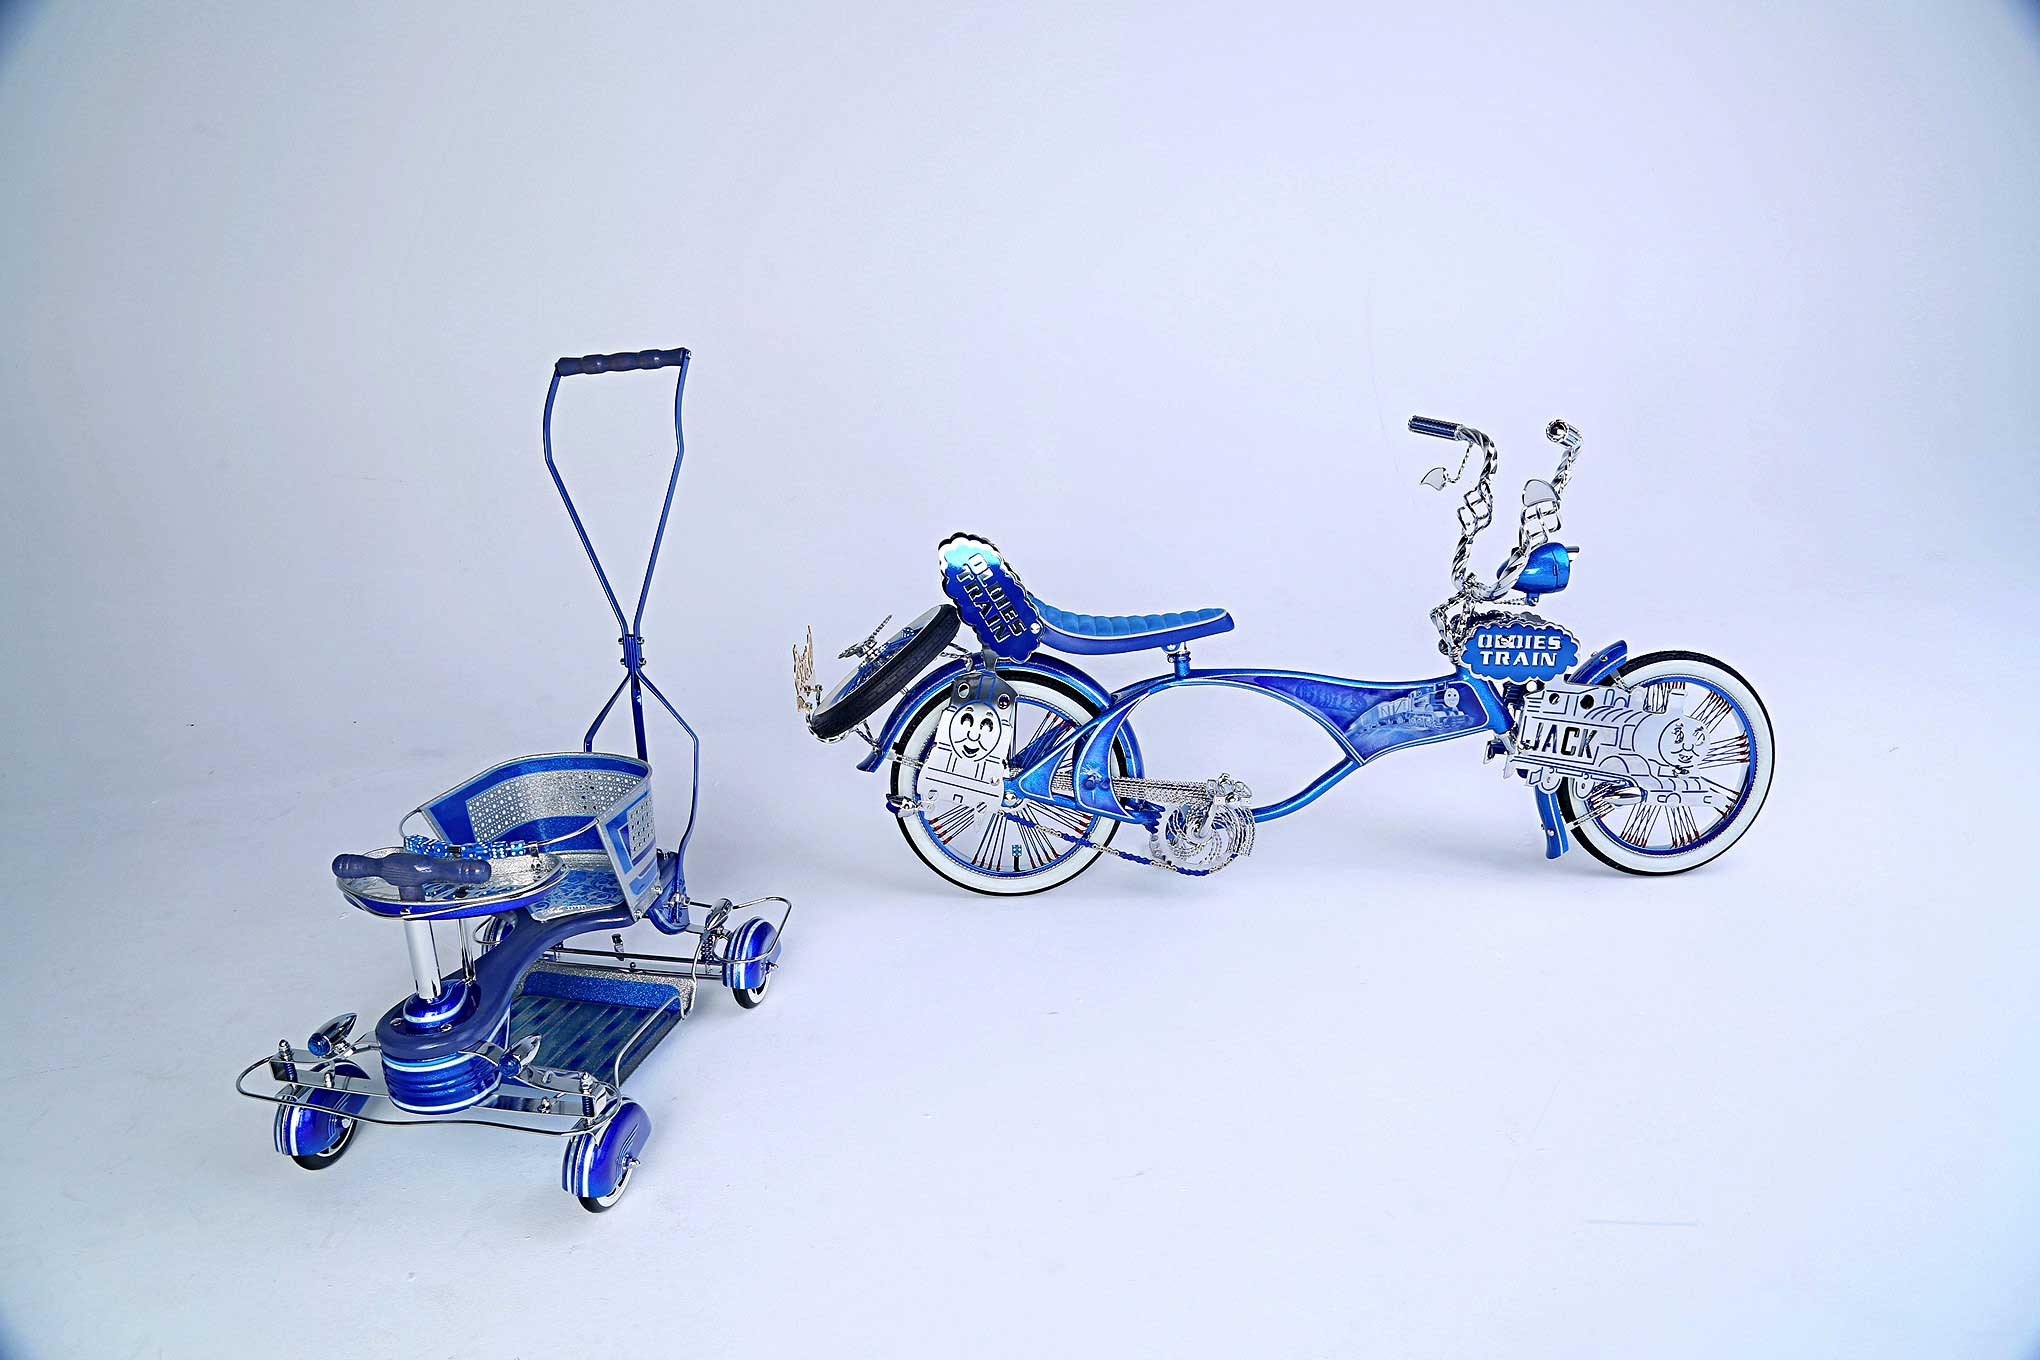 68 Schwinn Bike & '50s Taylor Tot Stroller – A Solid